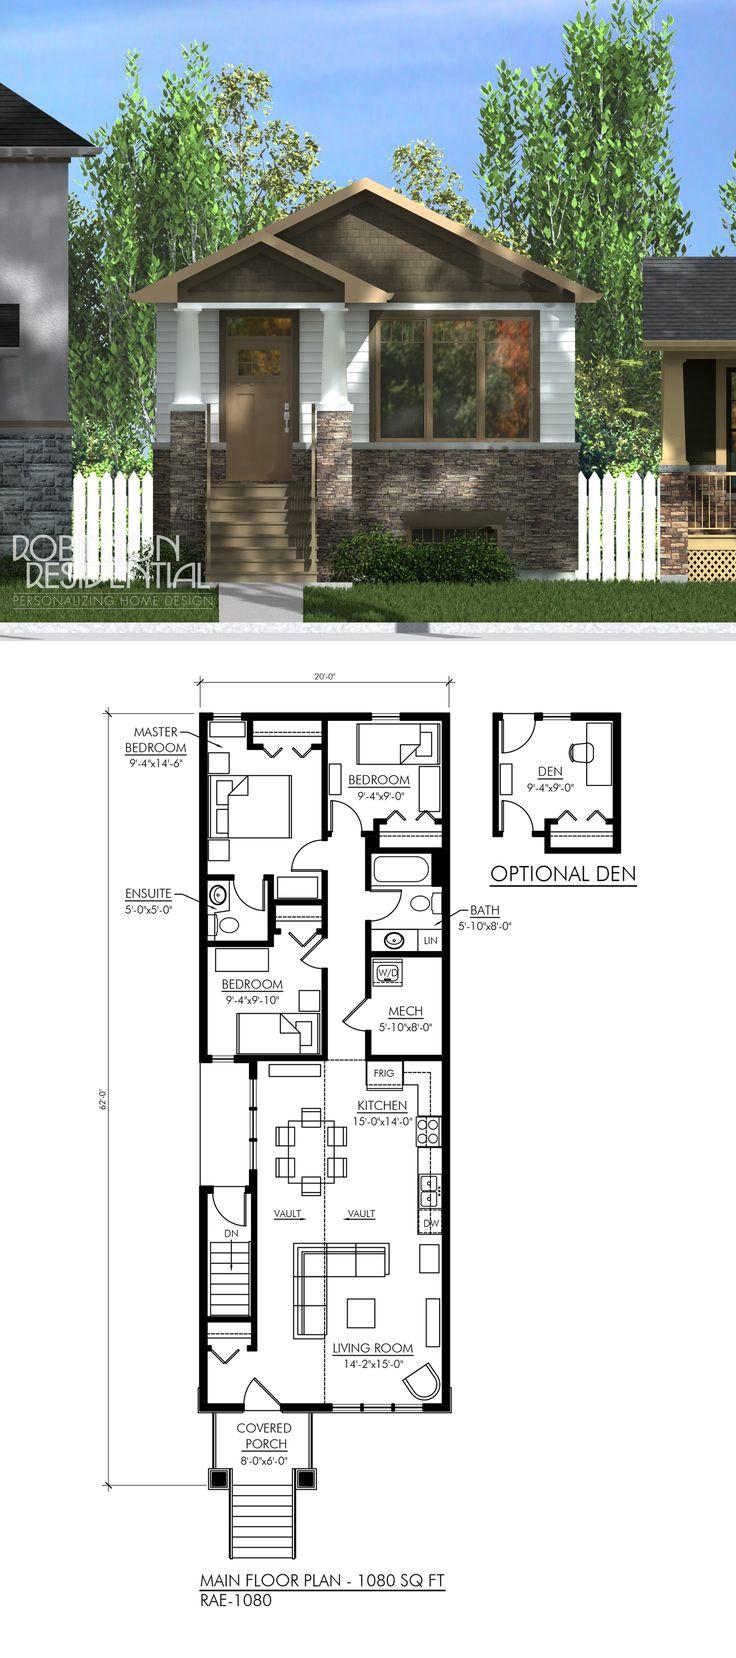 1080 sq. ft, 3 bedroom, 1.5 bath.